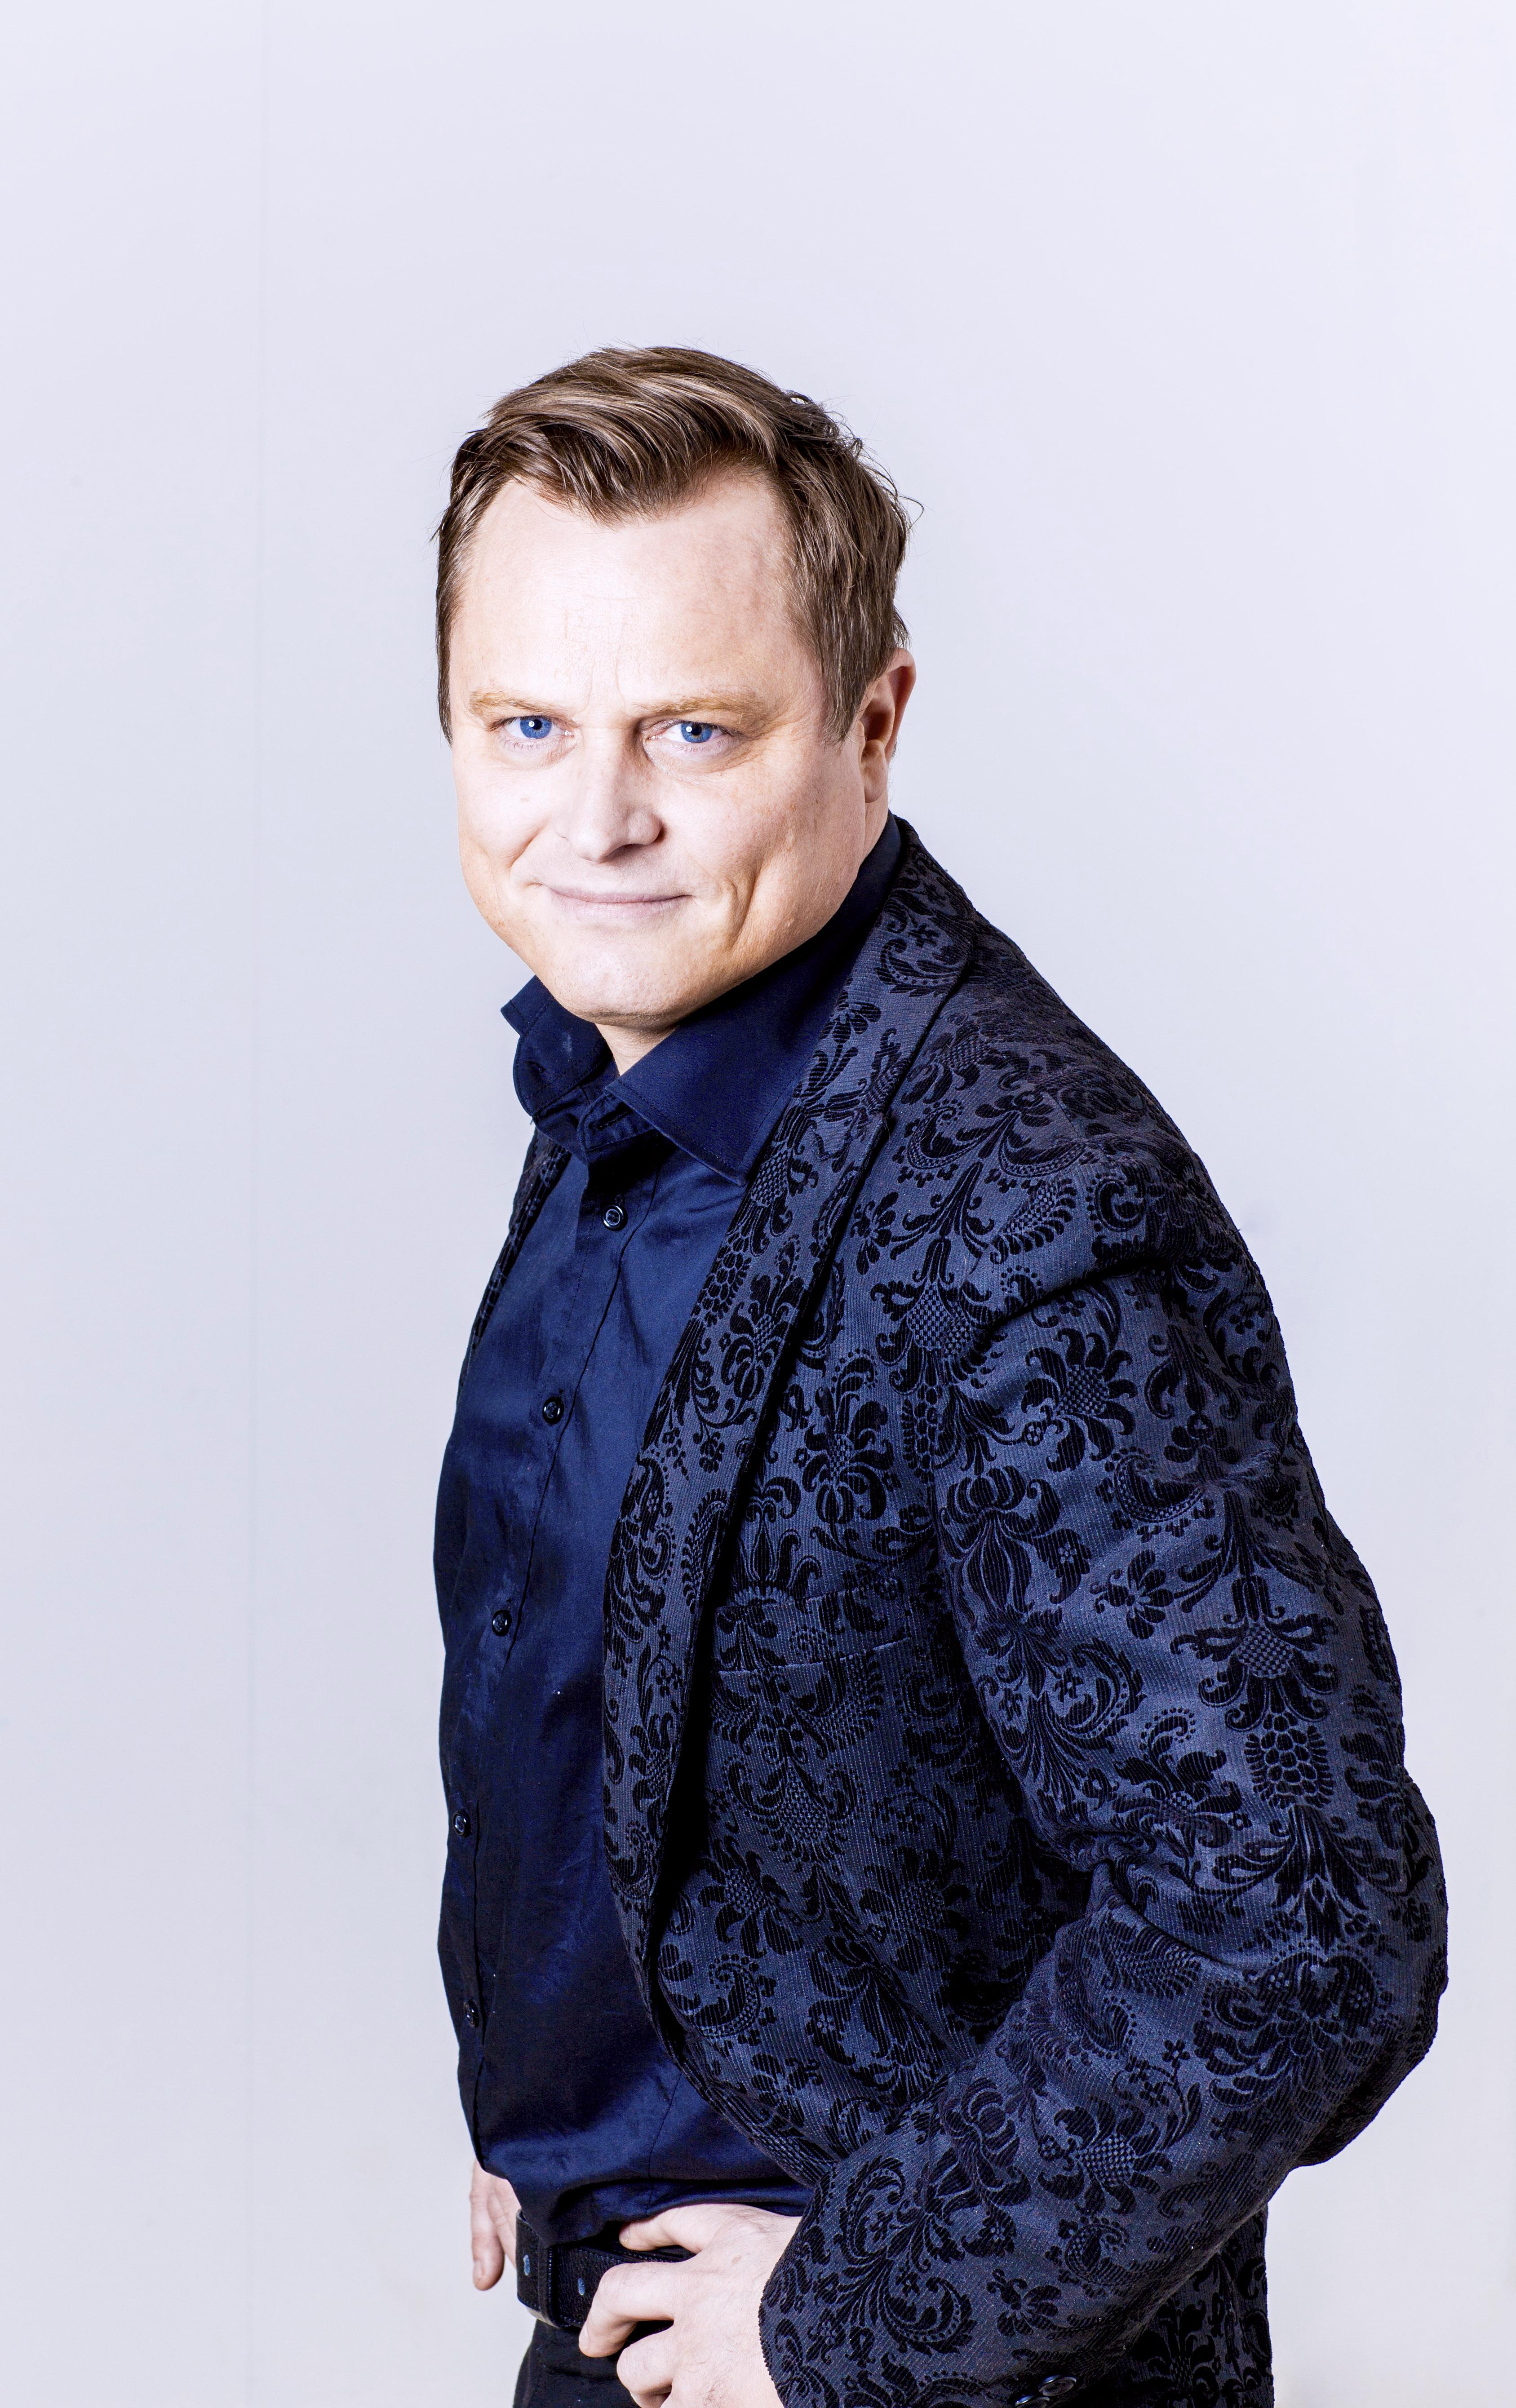 Arvid Pettersen Blue suit